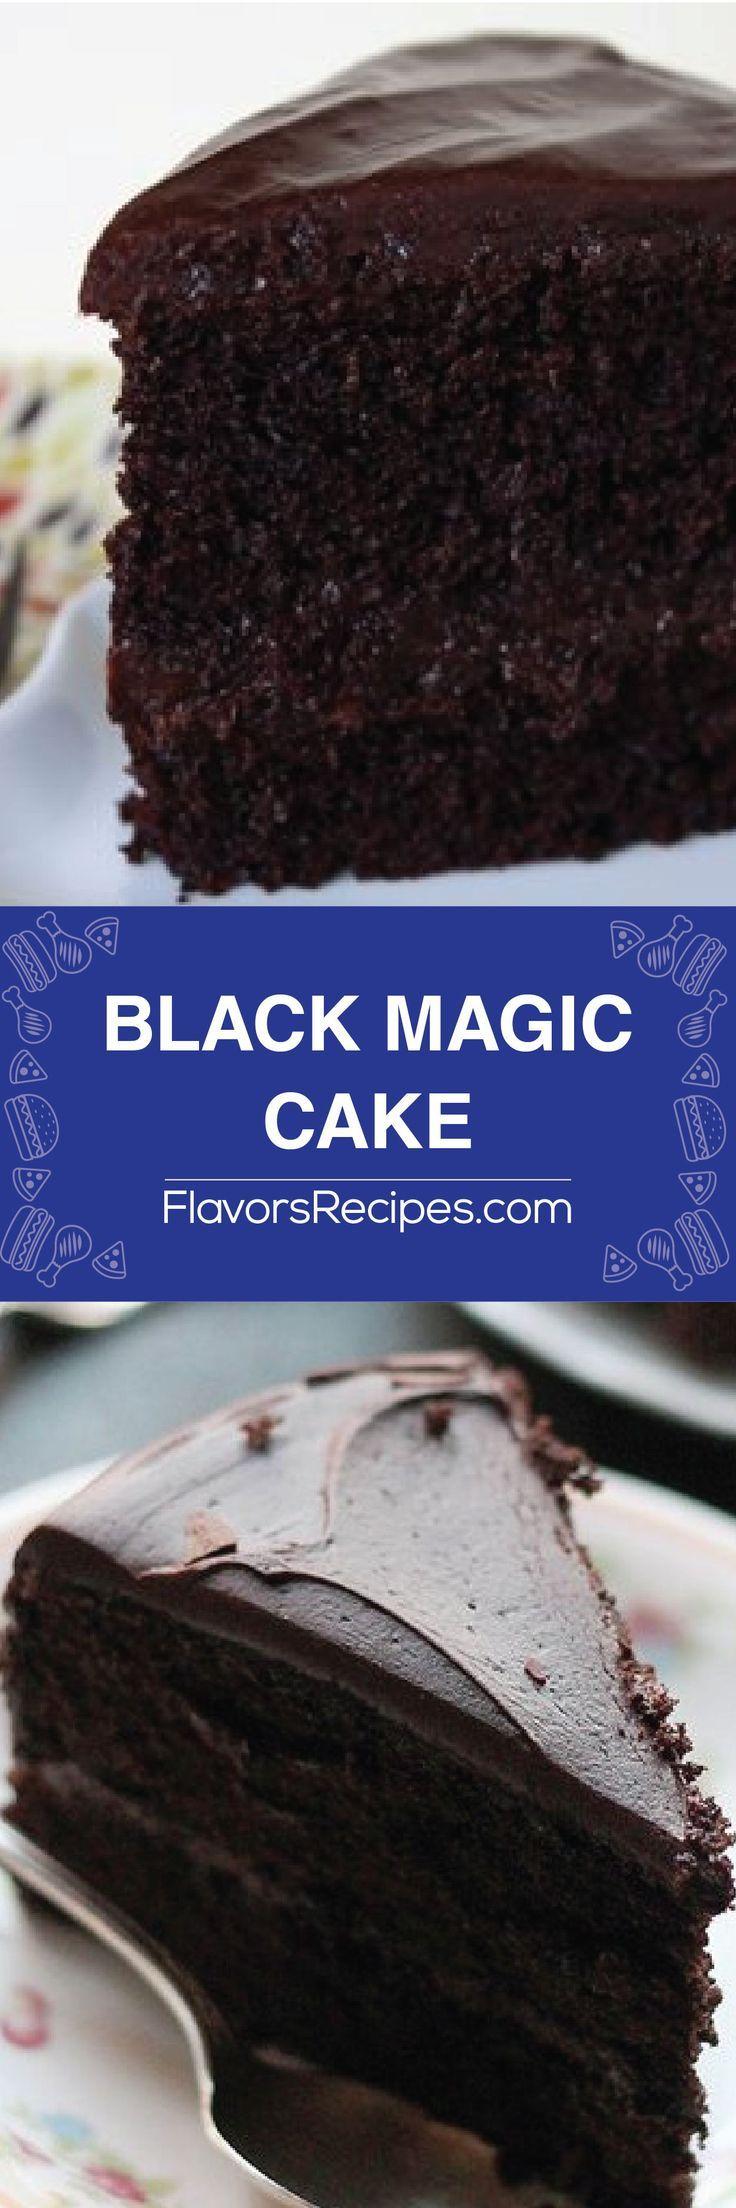 Black magic cake black magic cake delicious cake